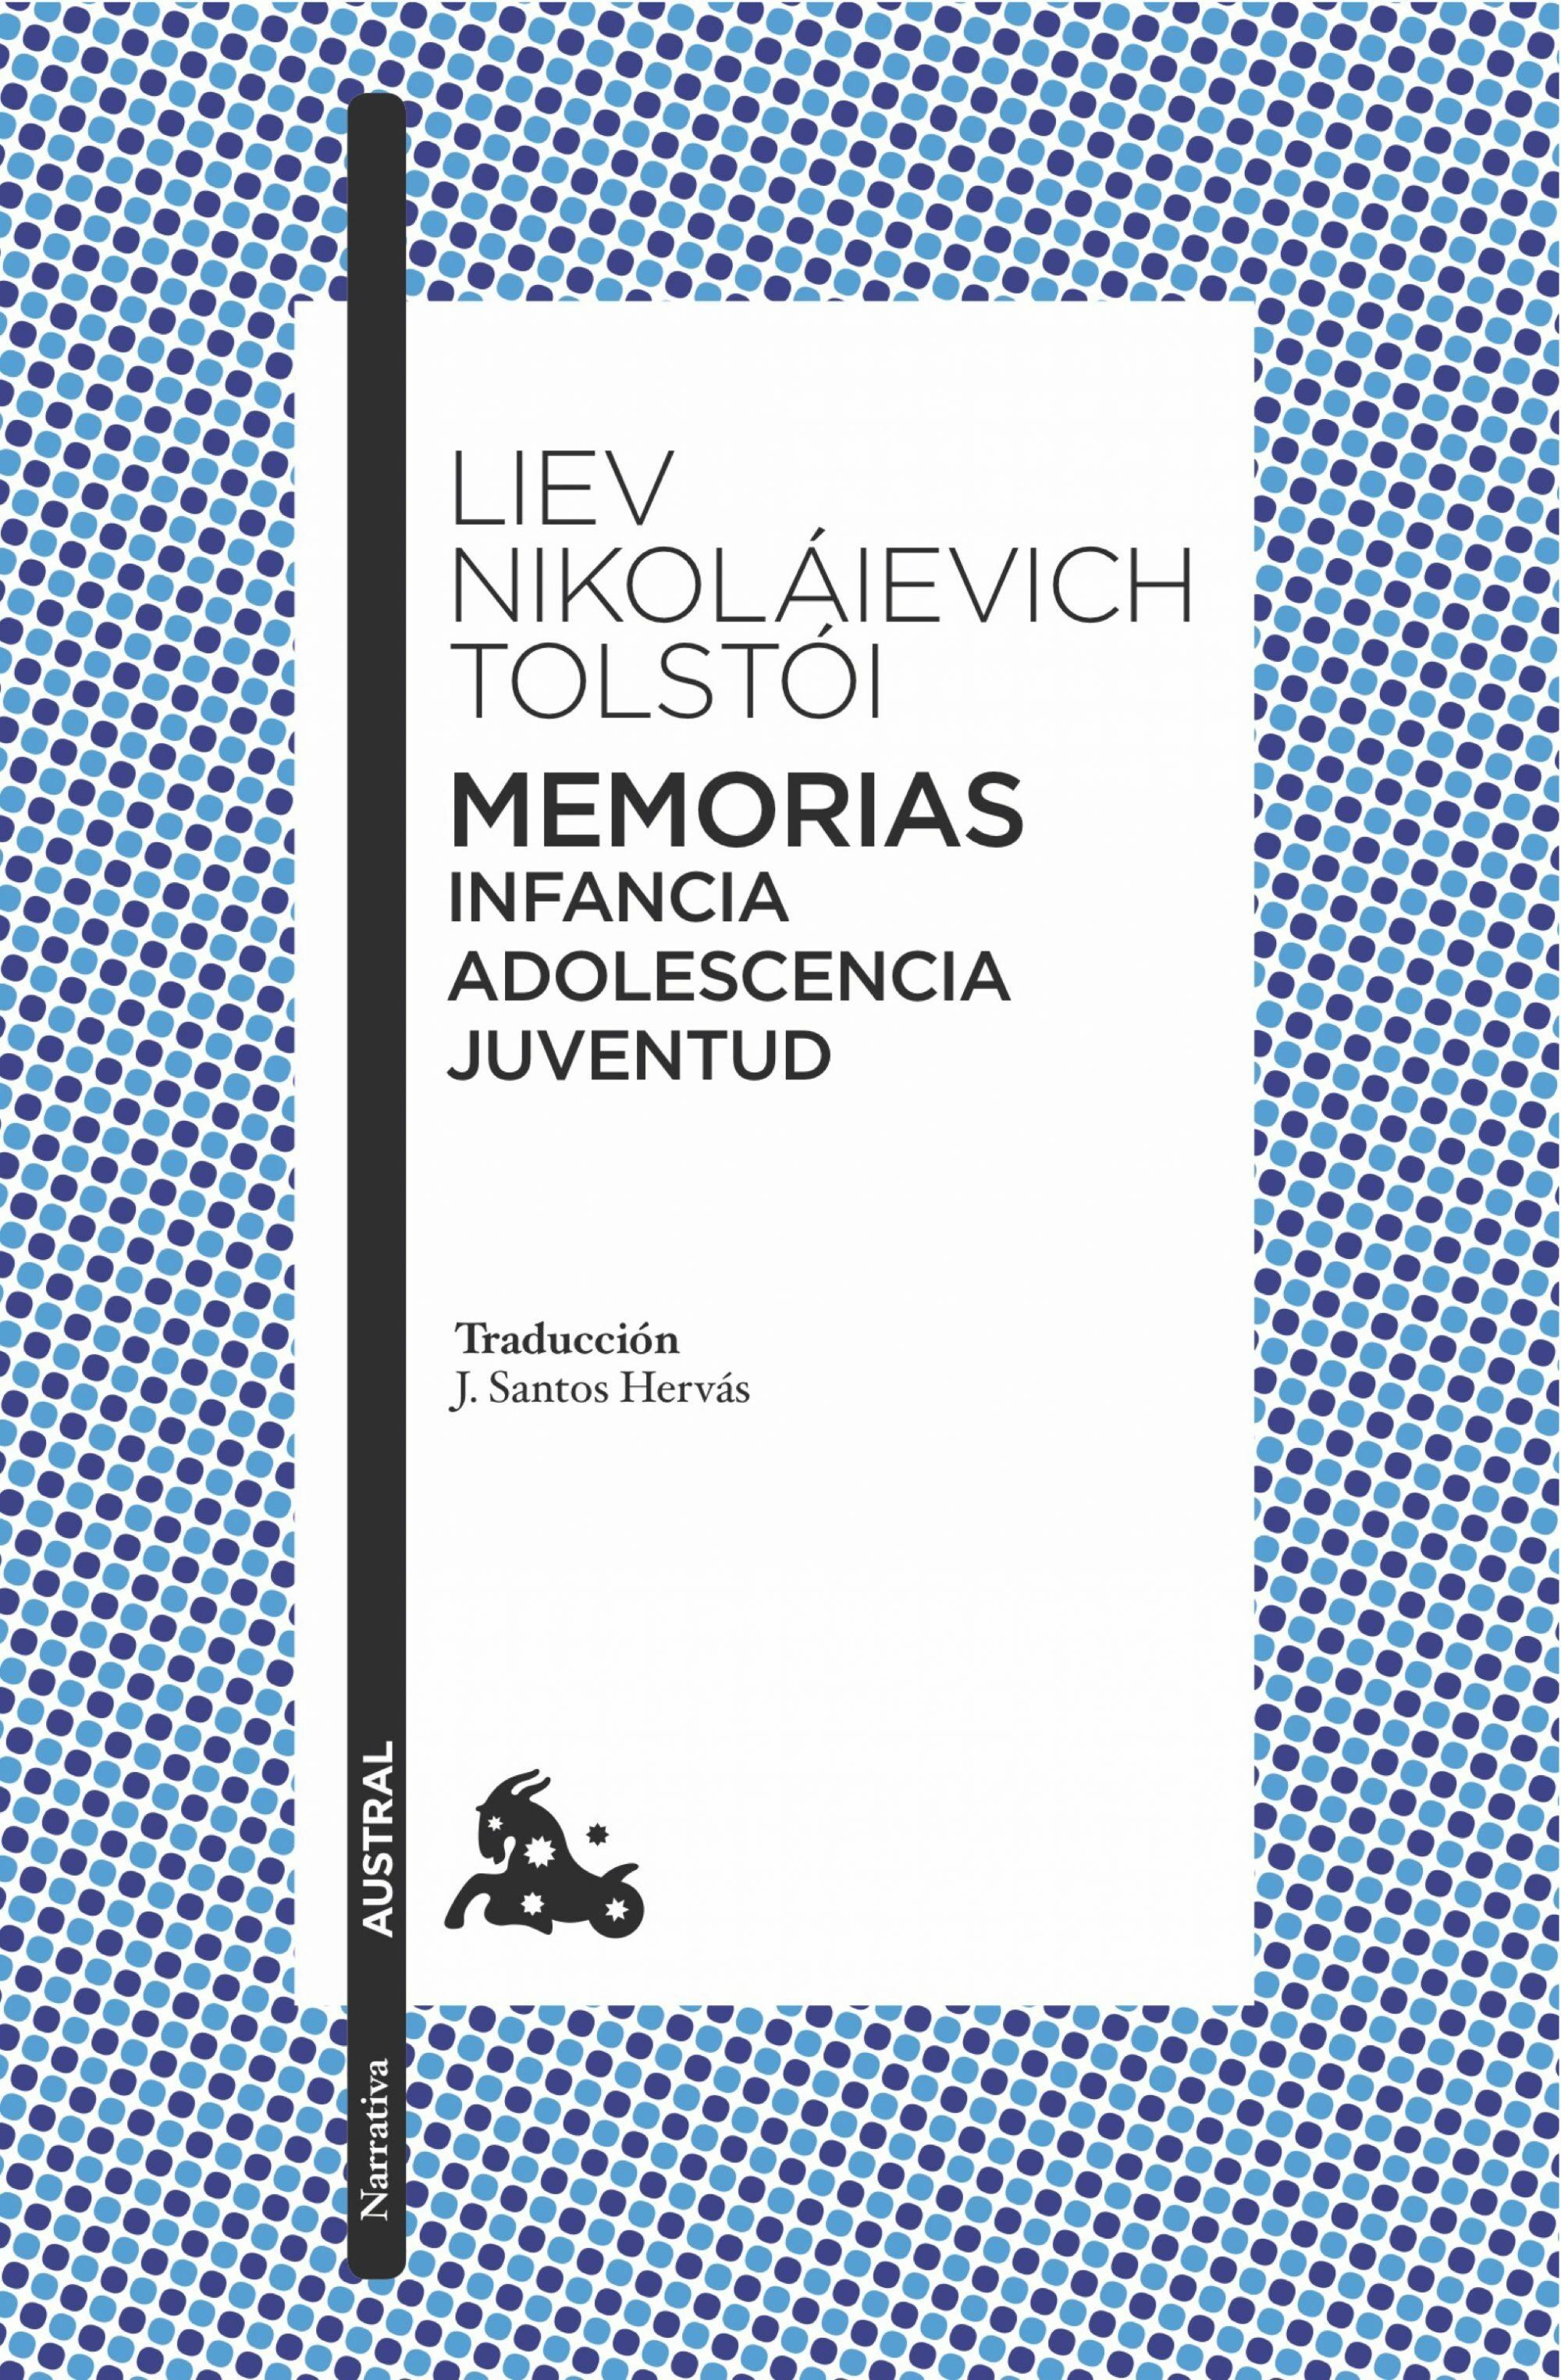 Memorias. Infancia/adolescencia/juventud por Lev Nicolaievich Tolstoi